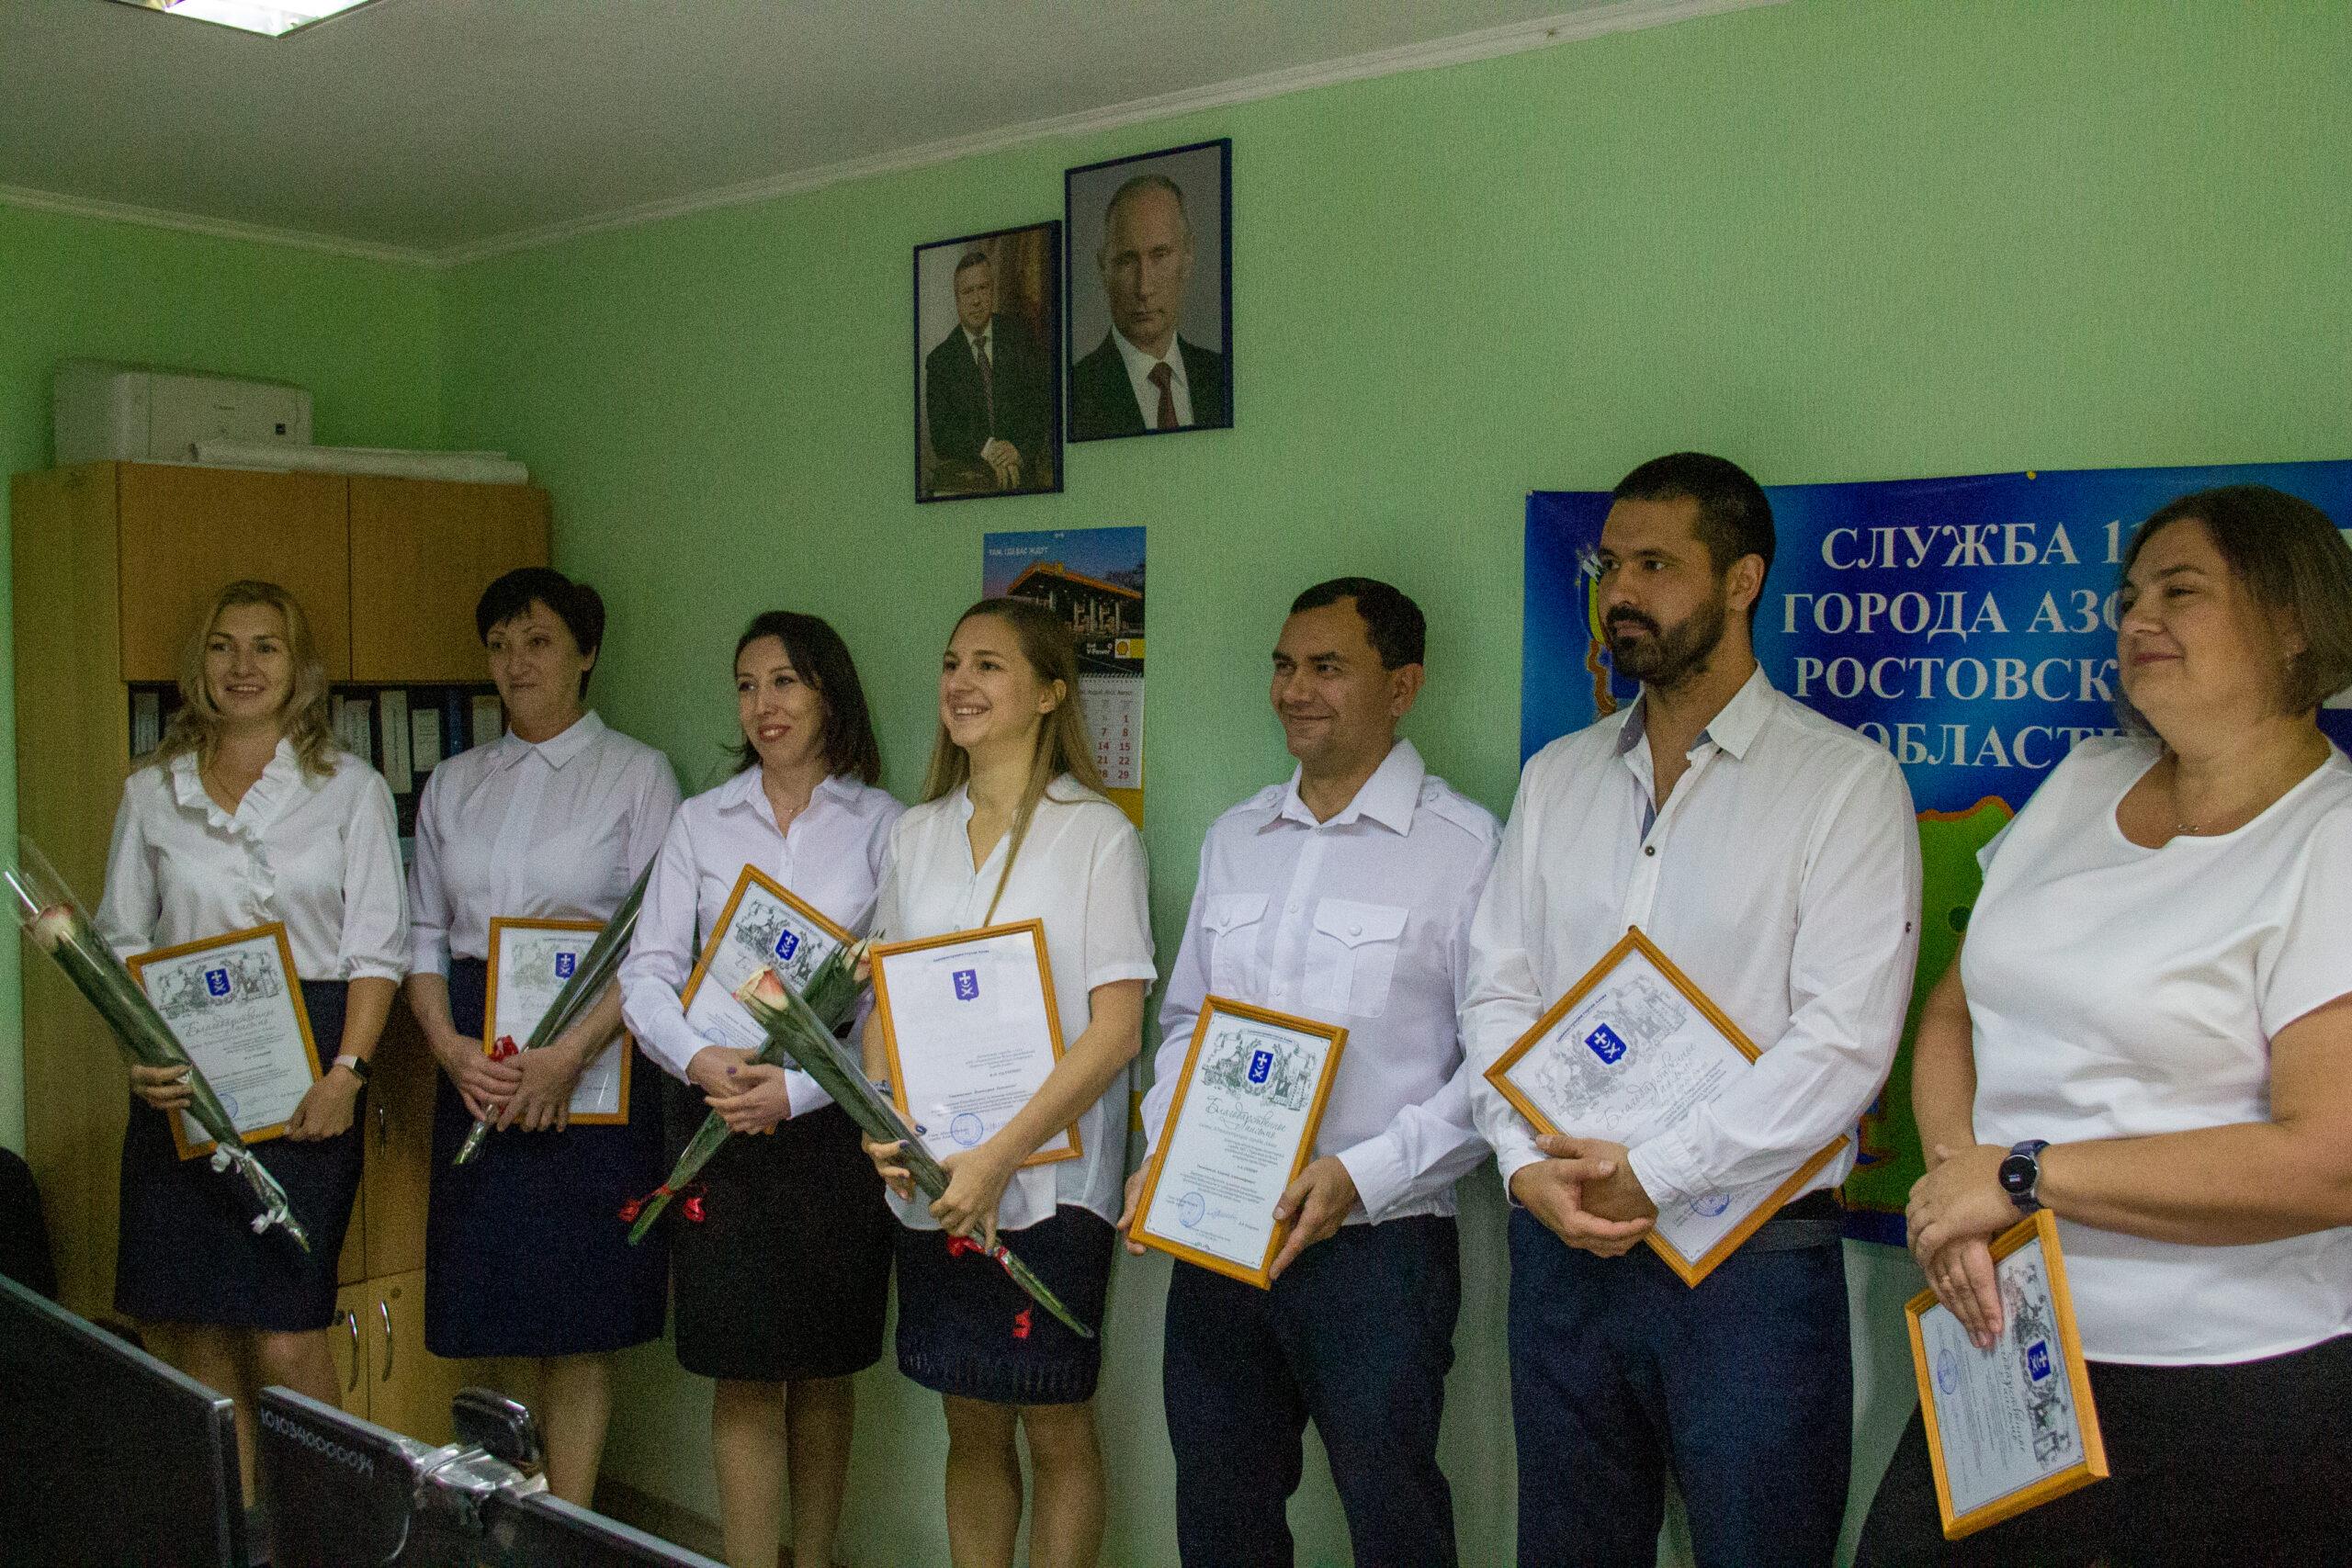 Азовских операторов Службы-112 поздравили с юбилеем